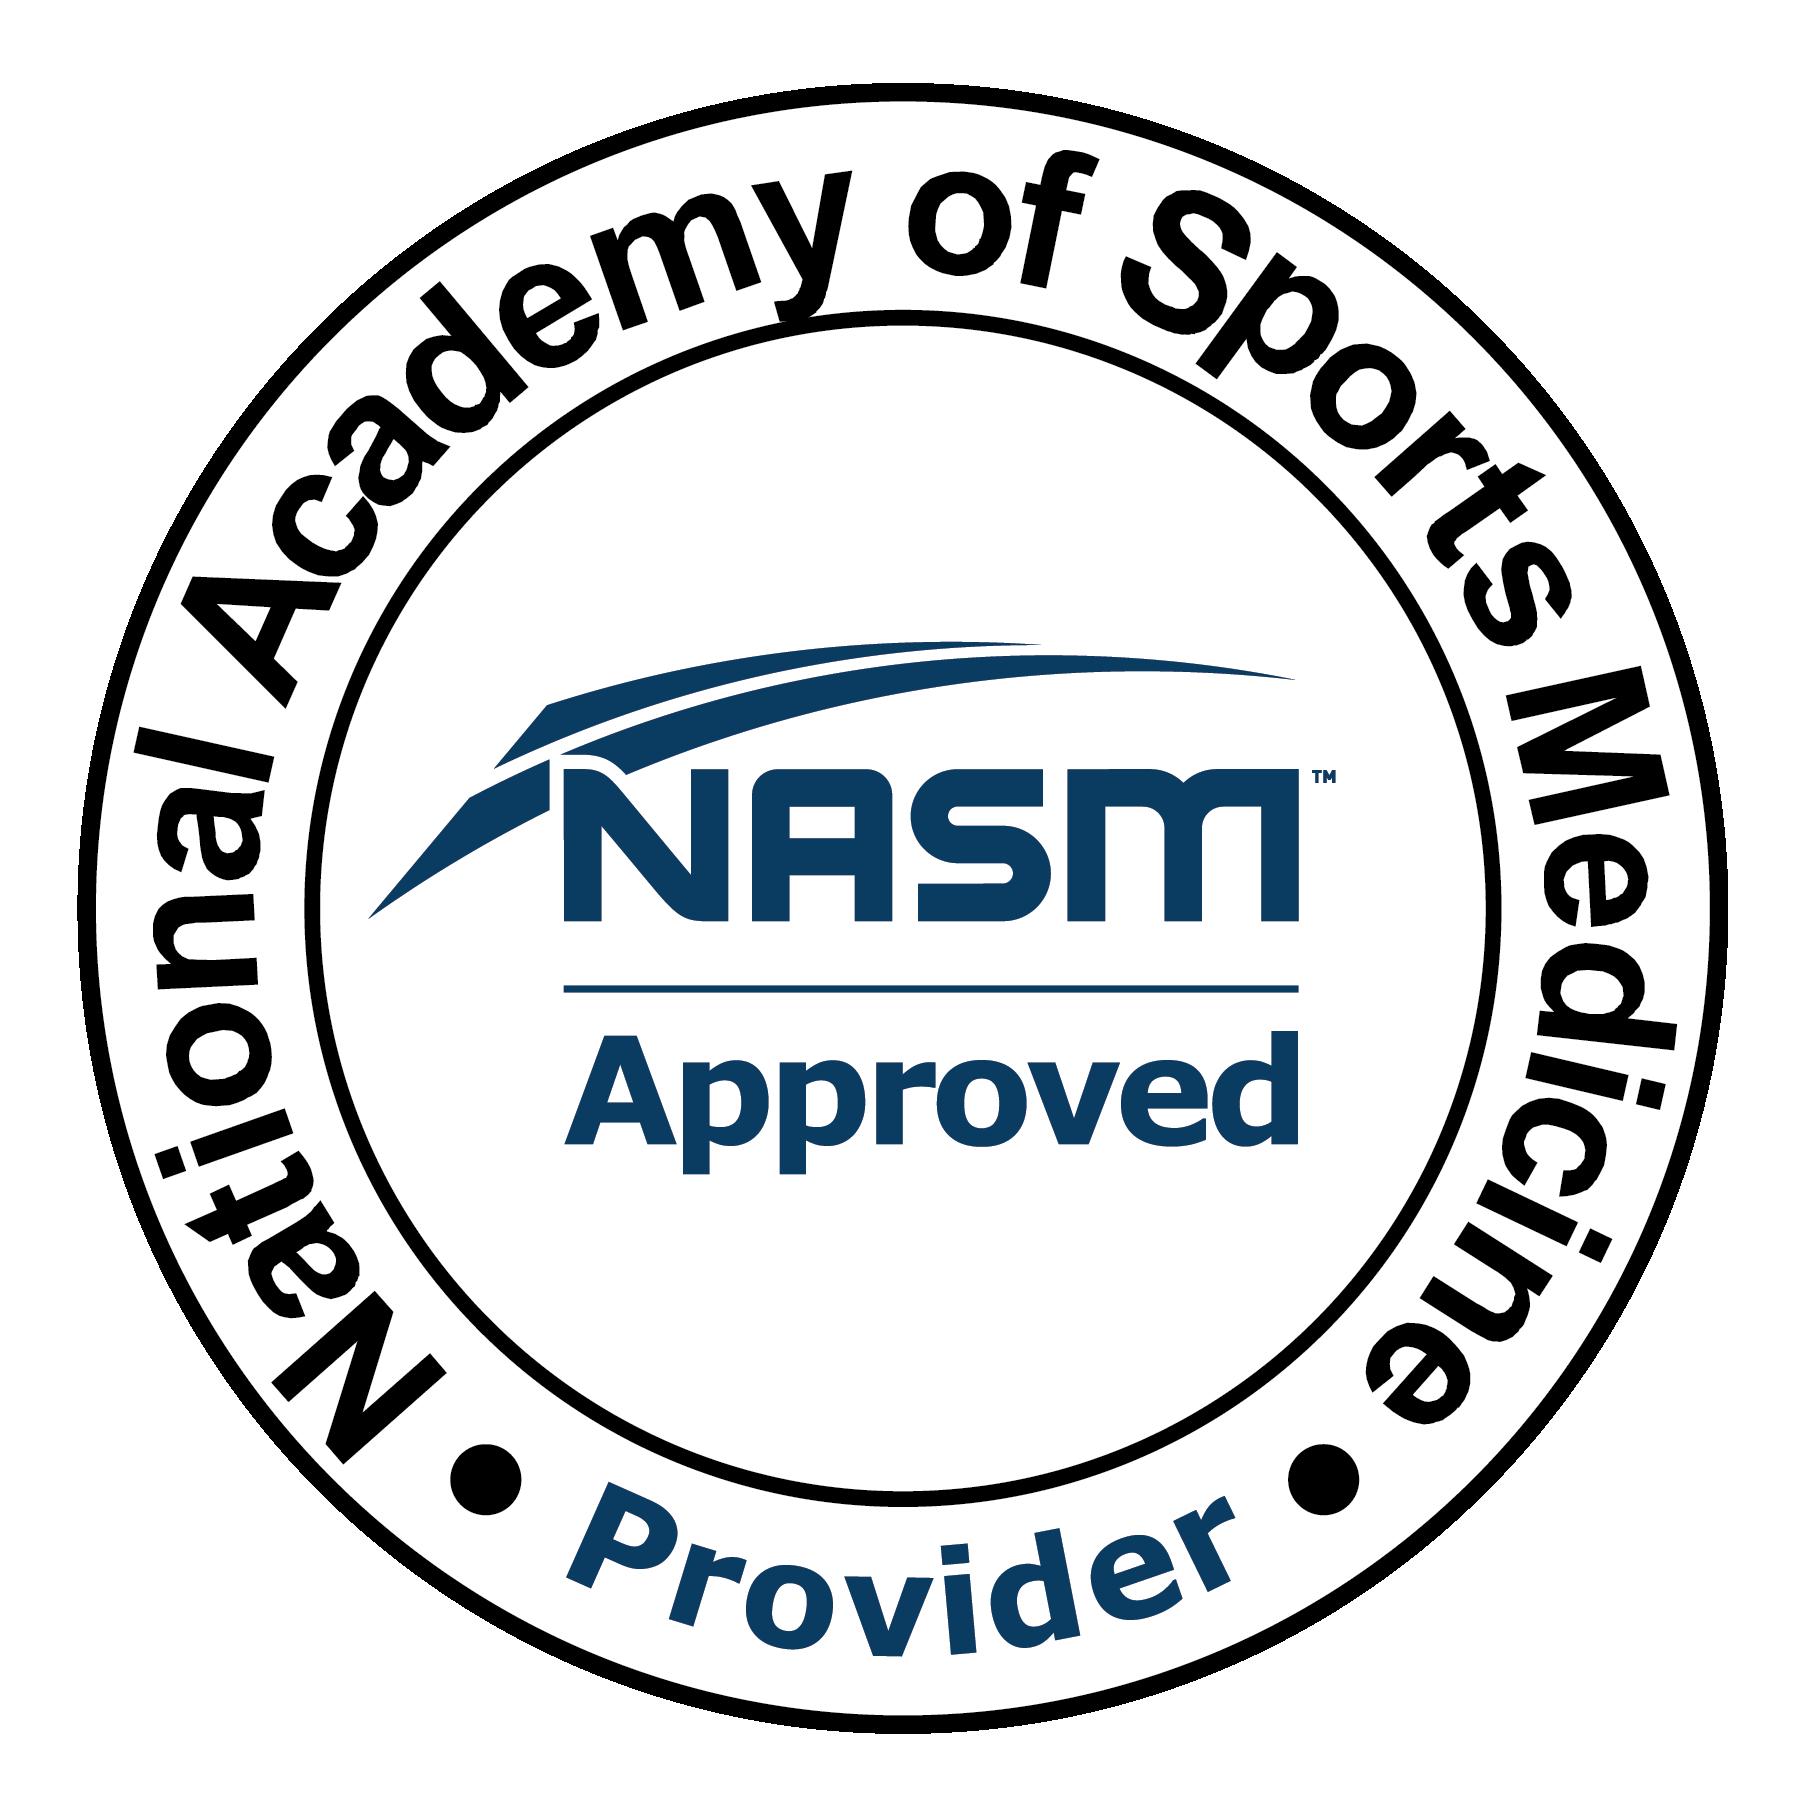 nasm_con_ed provider_logo-01.png